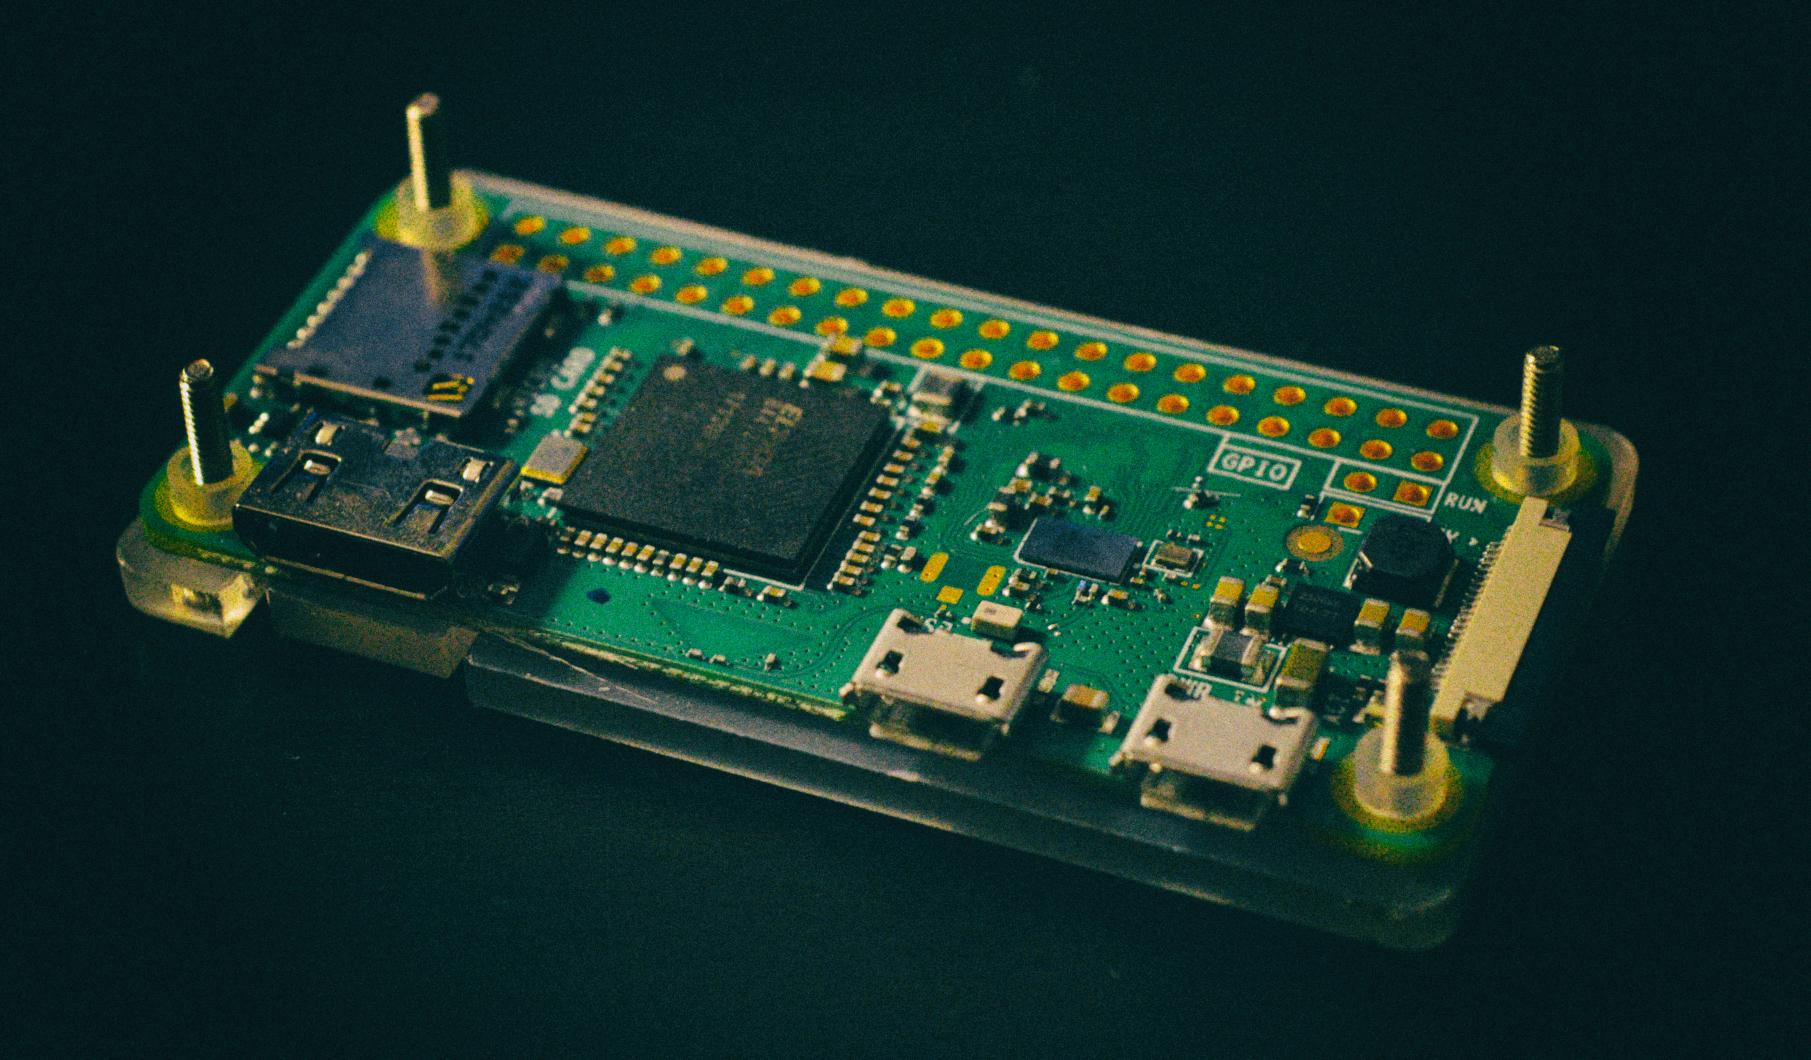 Разработан аппарат ИВЛ под управлением одноплатного компьютера Raspberry Pi